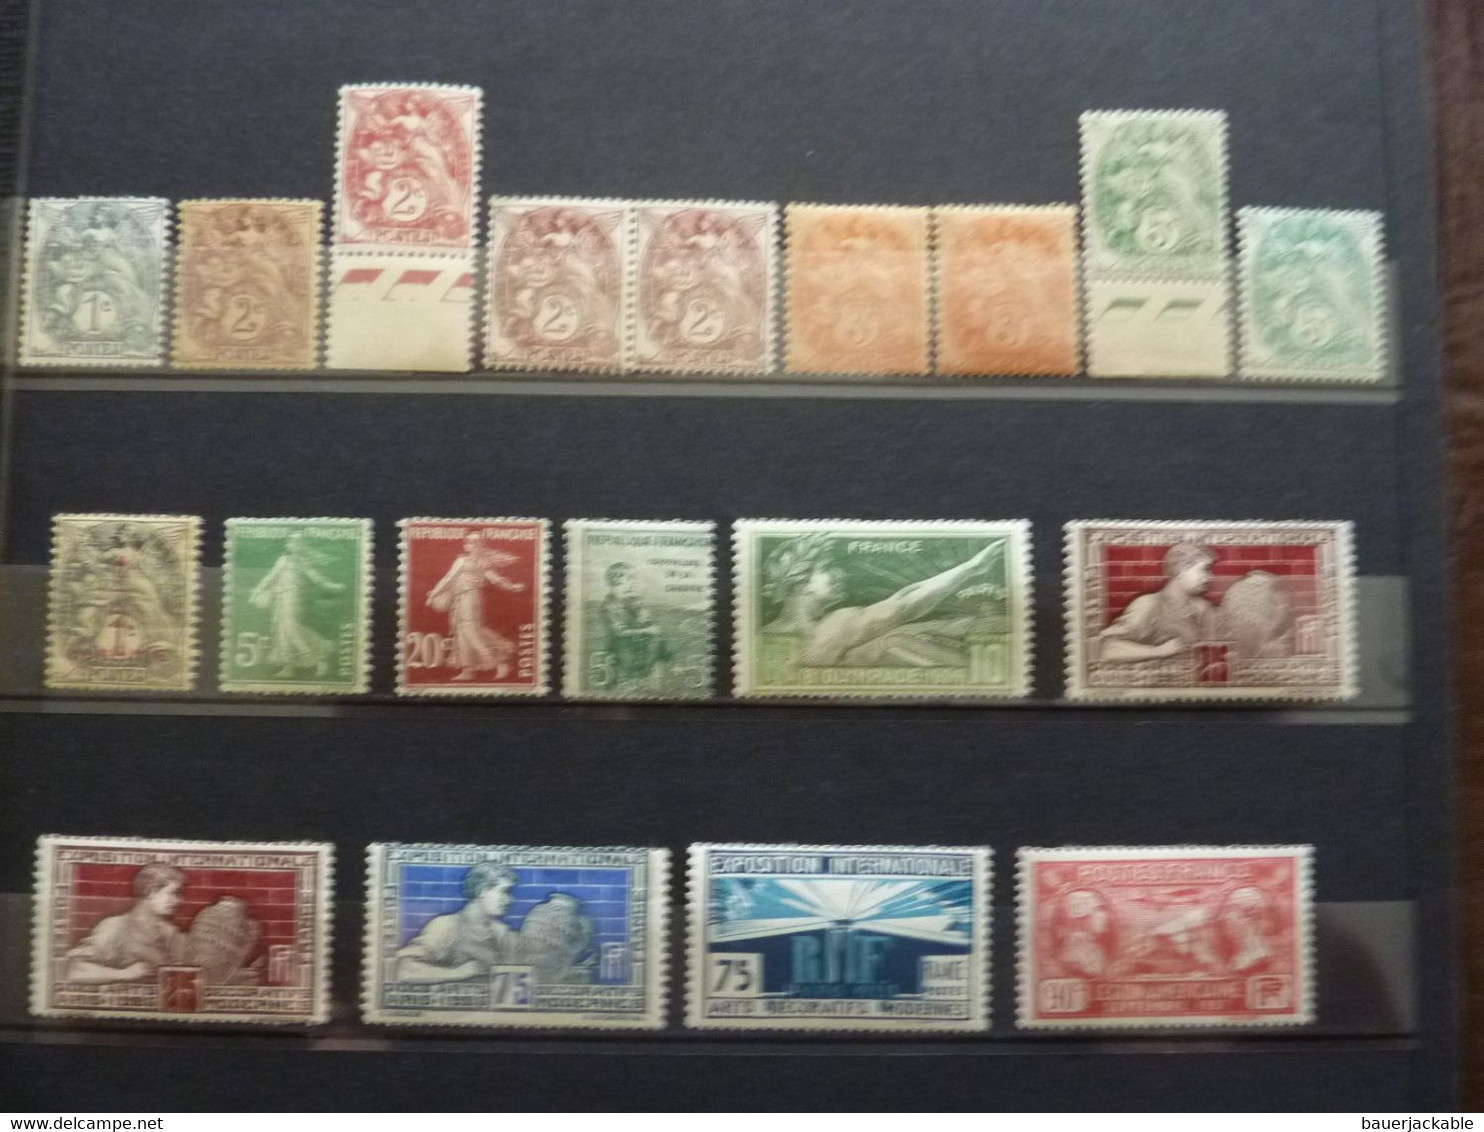 Lot Côte +1500 € , Descriptif Complet - Collections